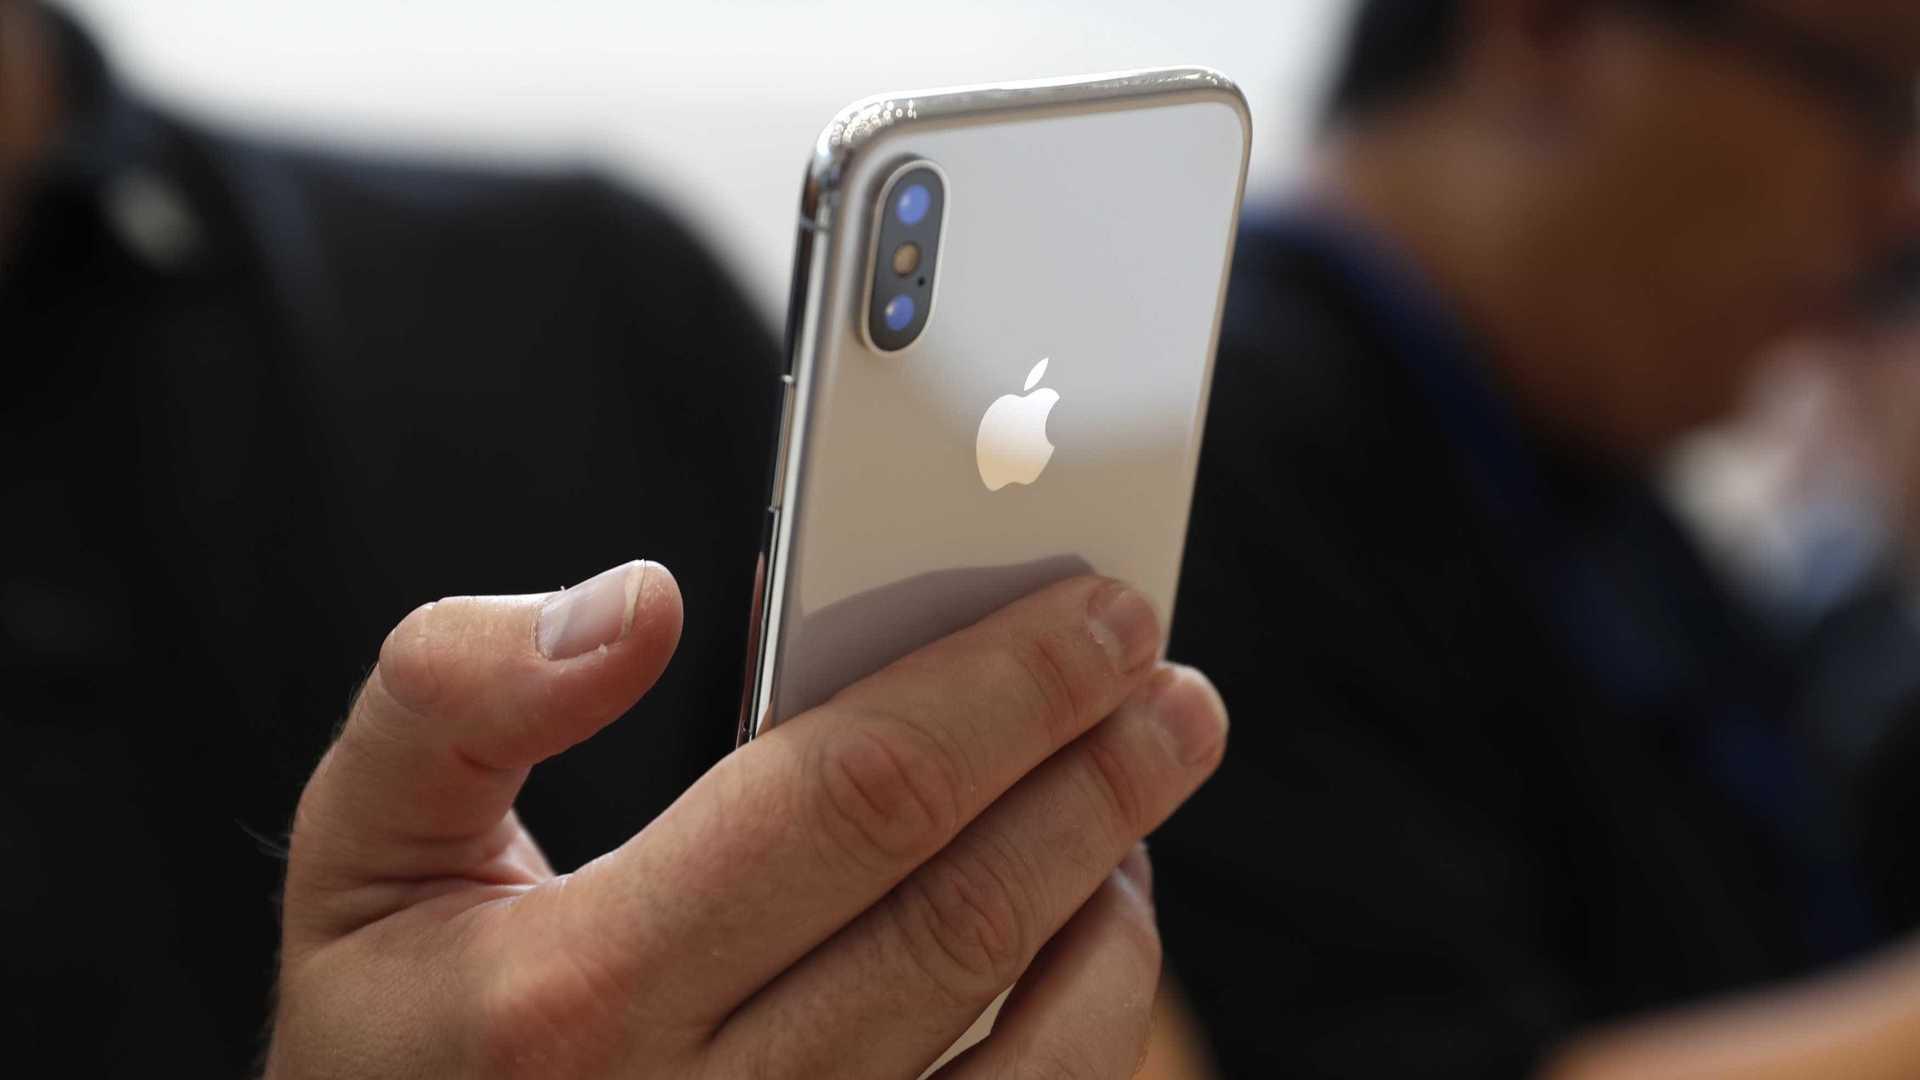 algumas apps para iphone estão a espiar utilizadores, alerta investigação - Iphone - Algumas apps para iPhone estão a espiar utilizadores, alerta investigação